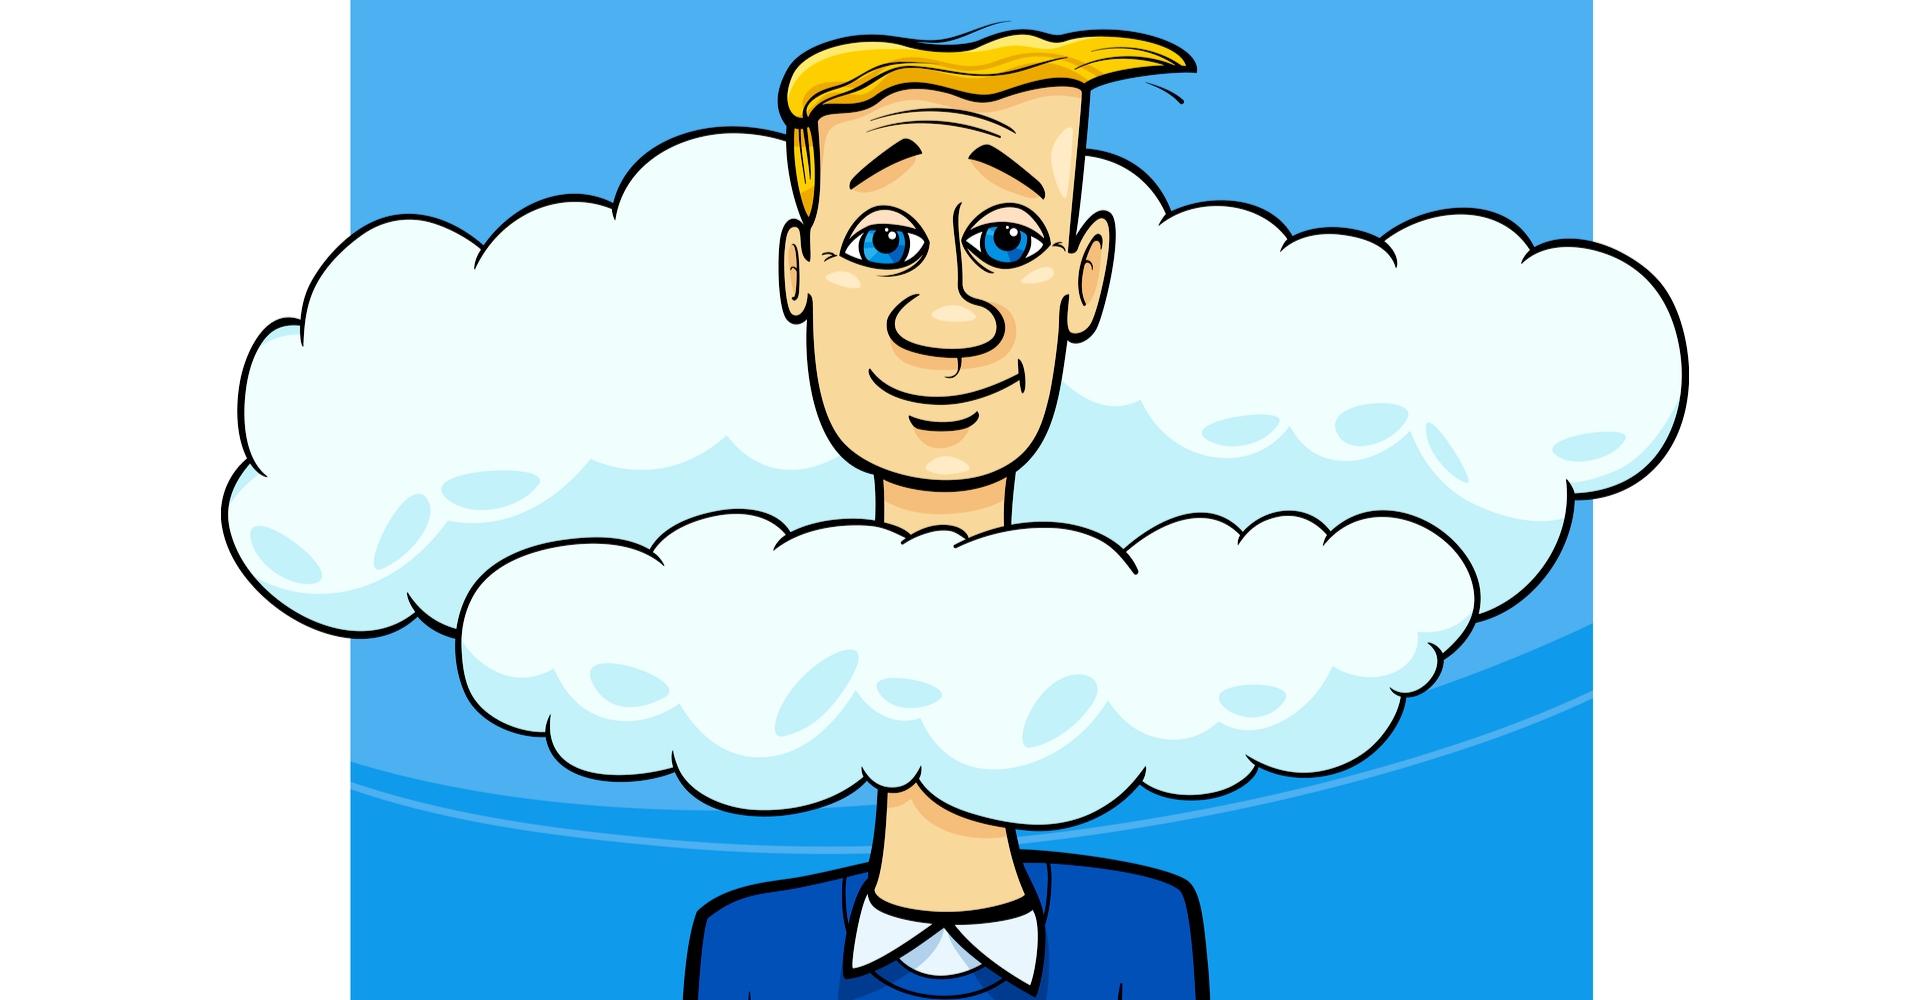 Голова в облаках картинка